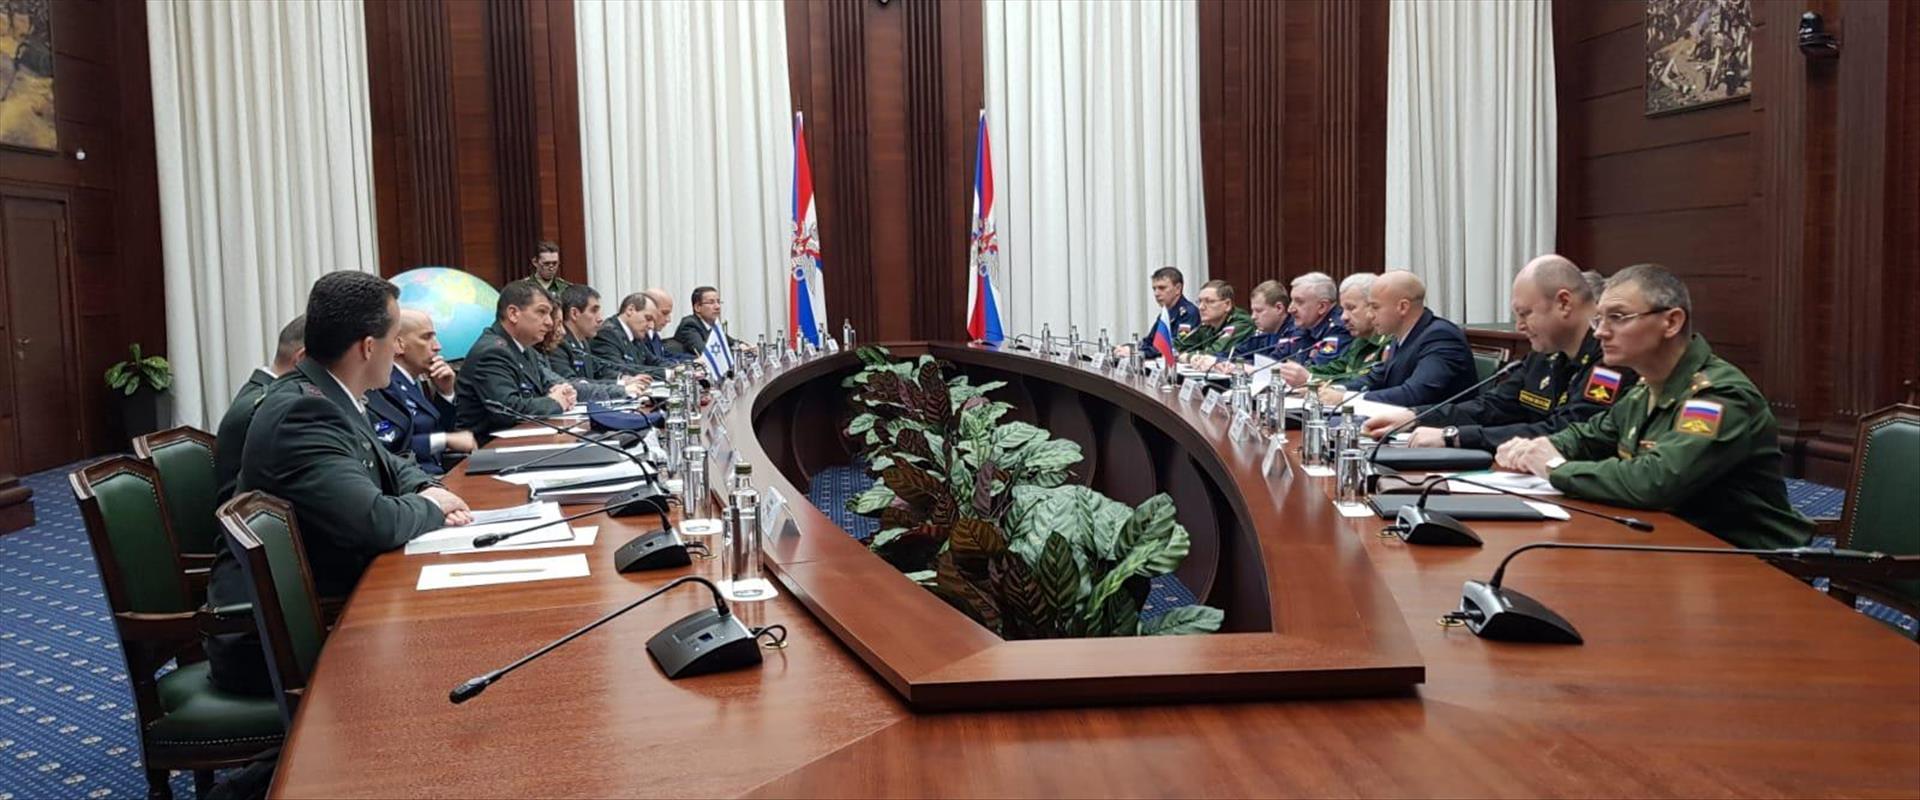 """מפגש בין משלחת צה""""ל לנציגי צבא רוסיה במוסקווה"""